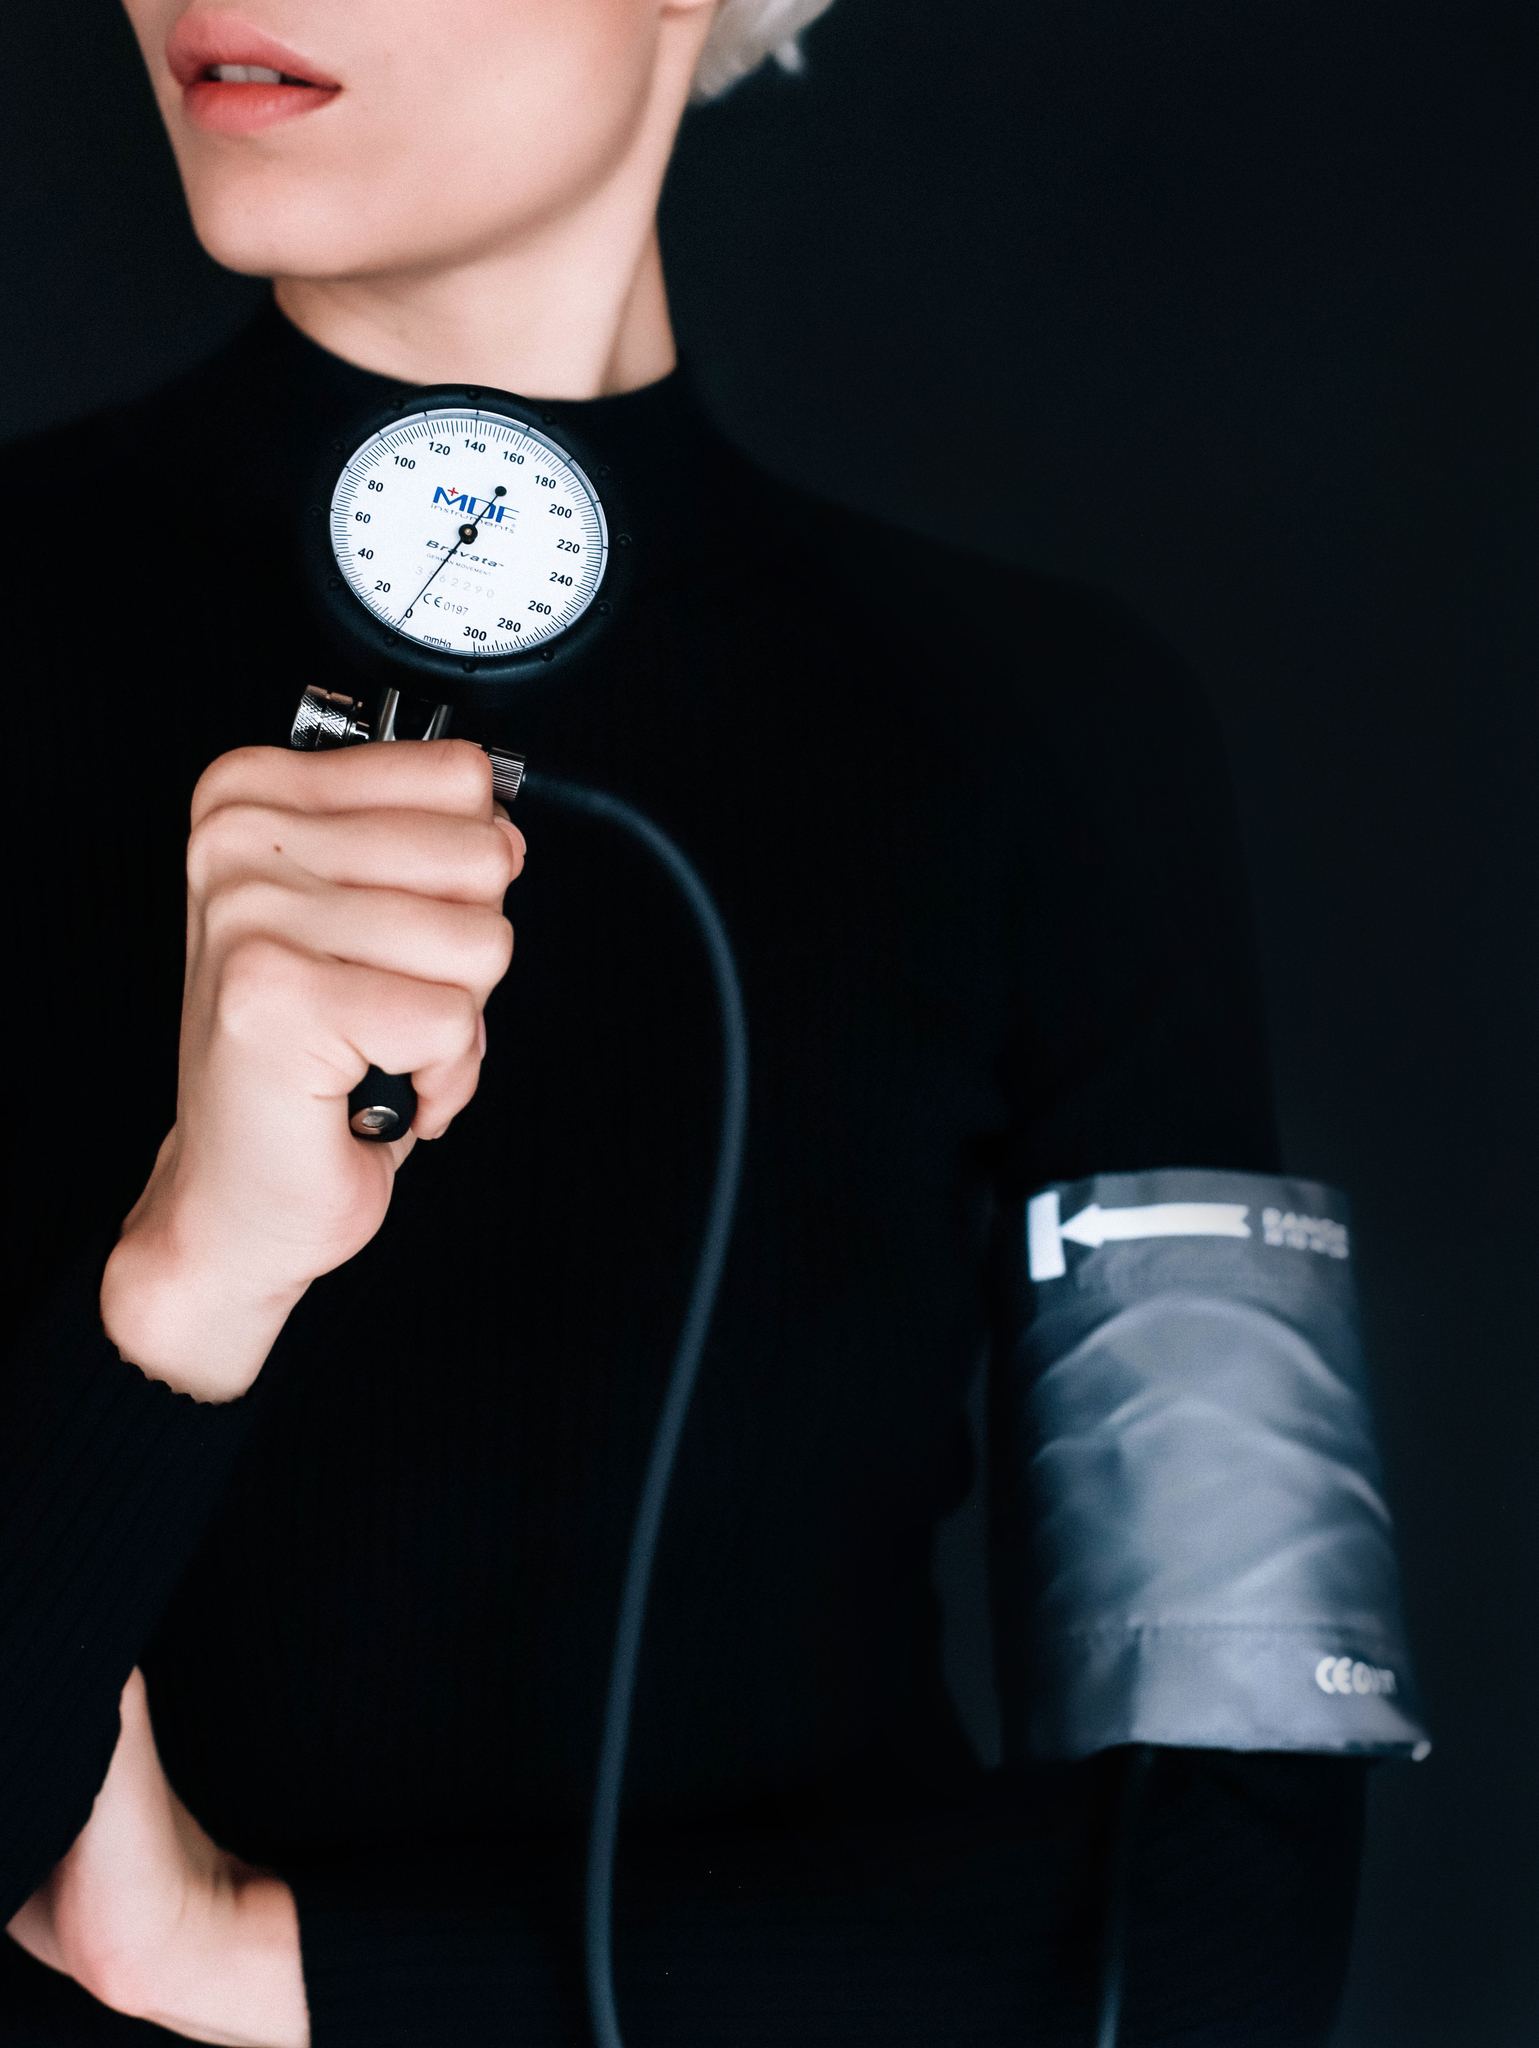 Профессиональный измеритель артериального давления (светло-серого цвета)